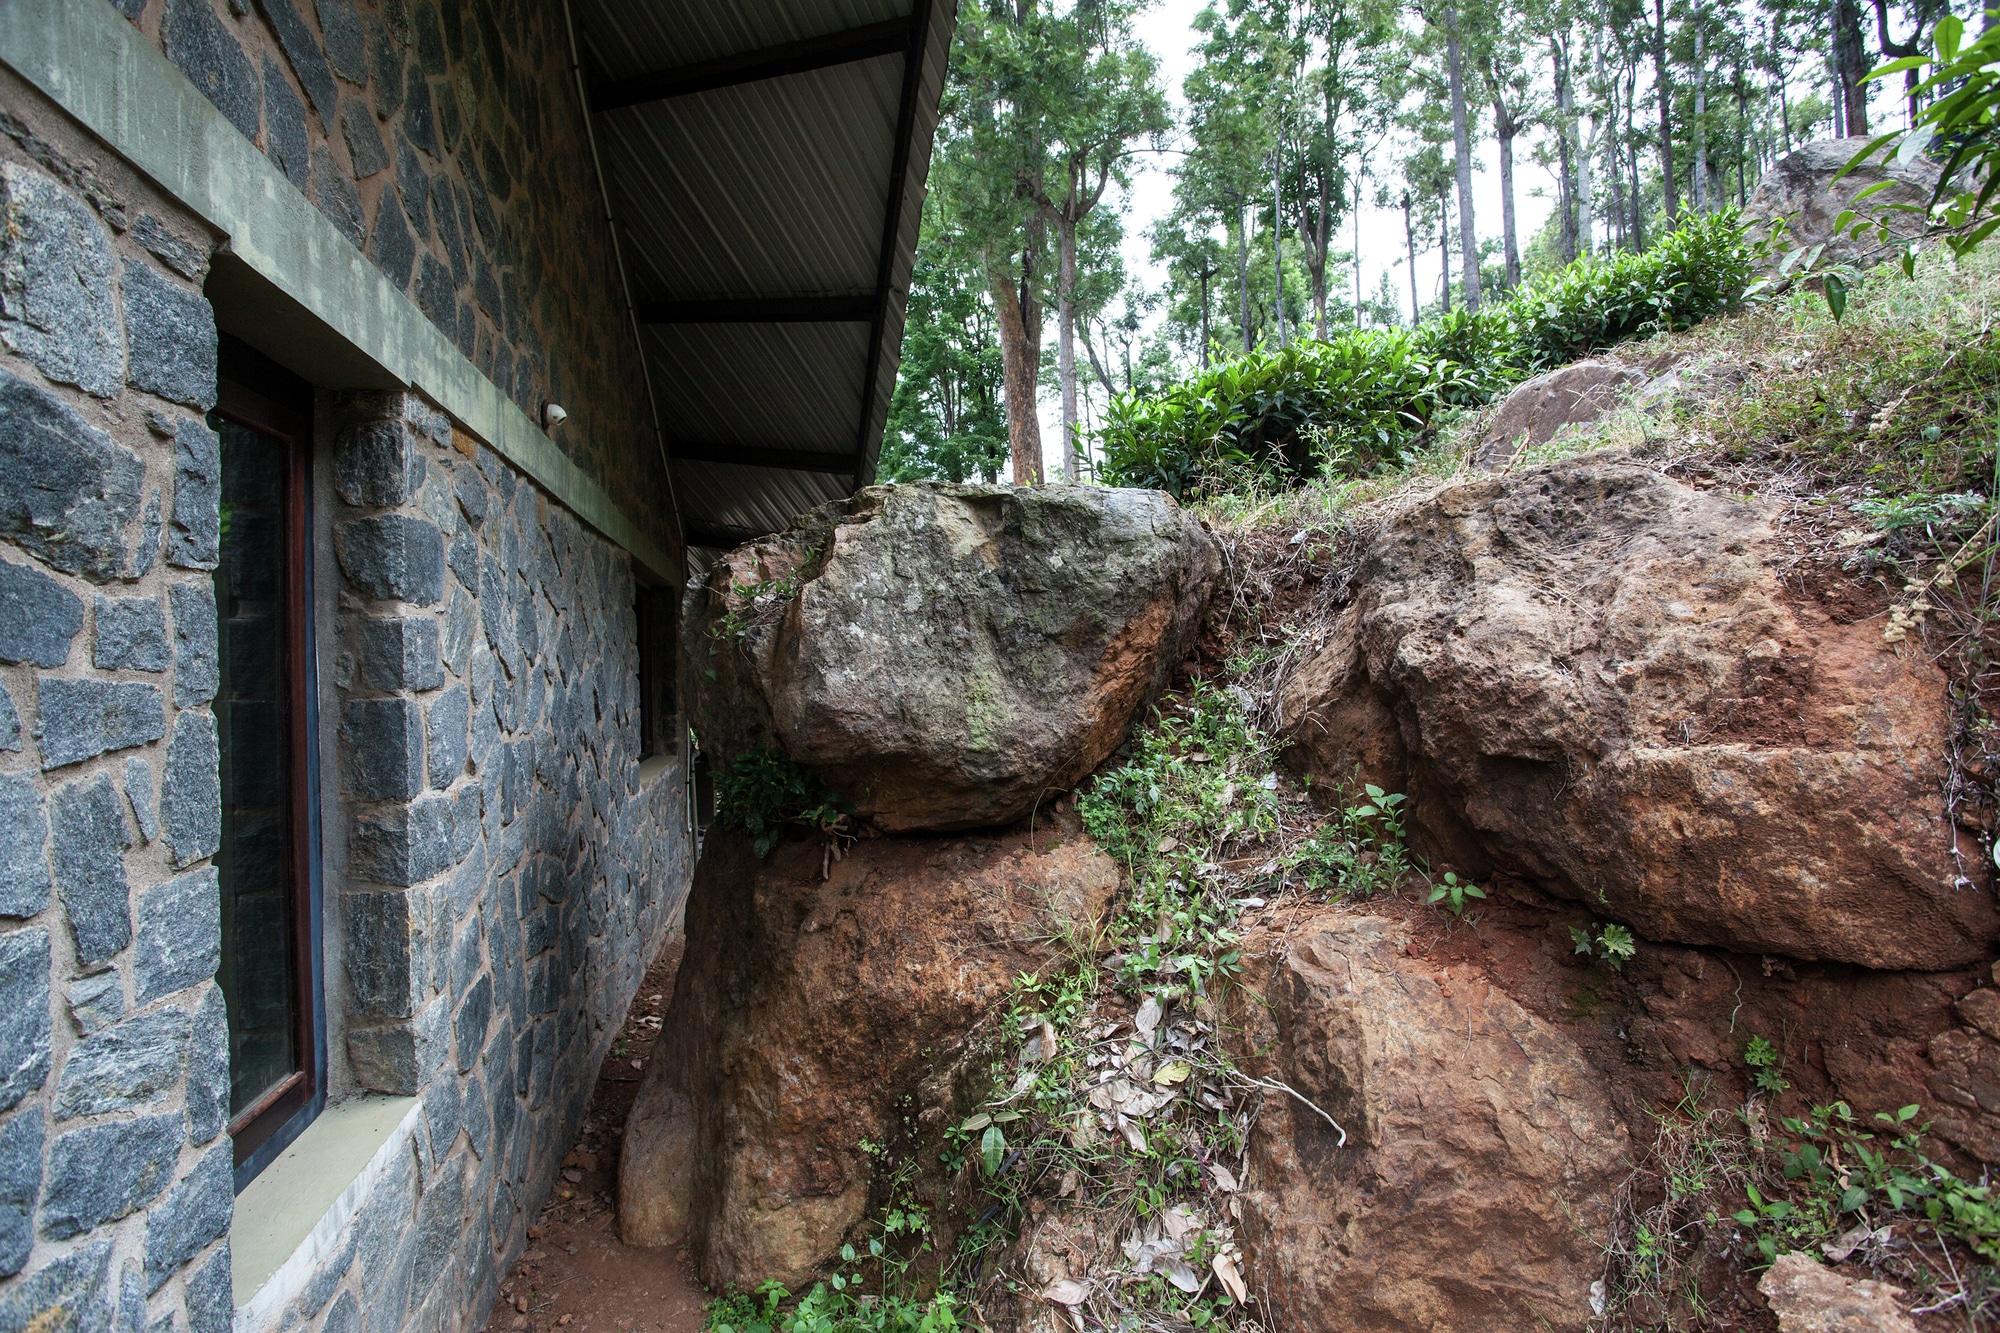 Dise o casa campo moderna estructura - Construccion casas de piedra ...